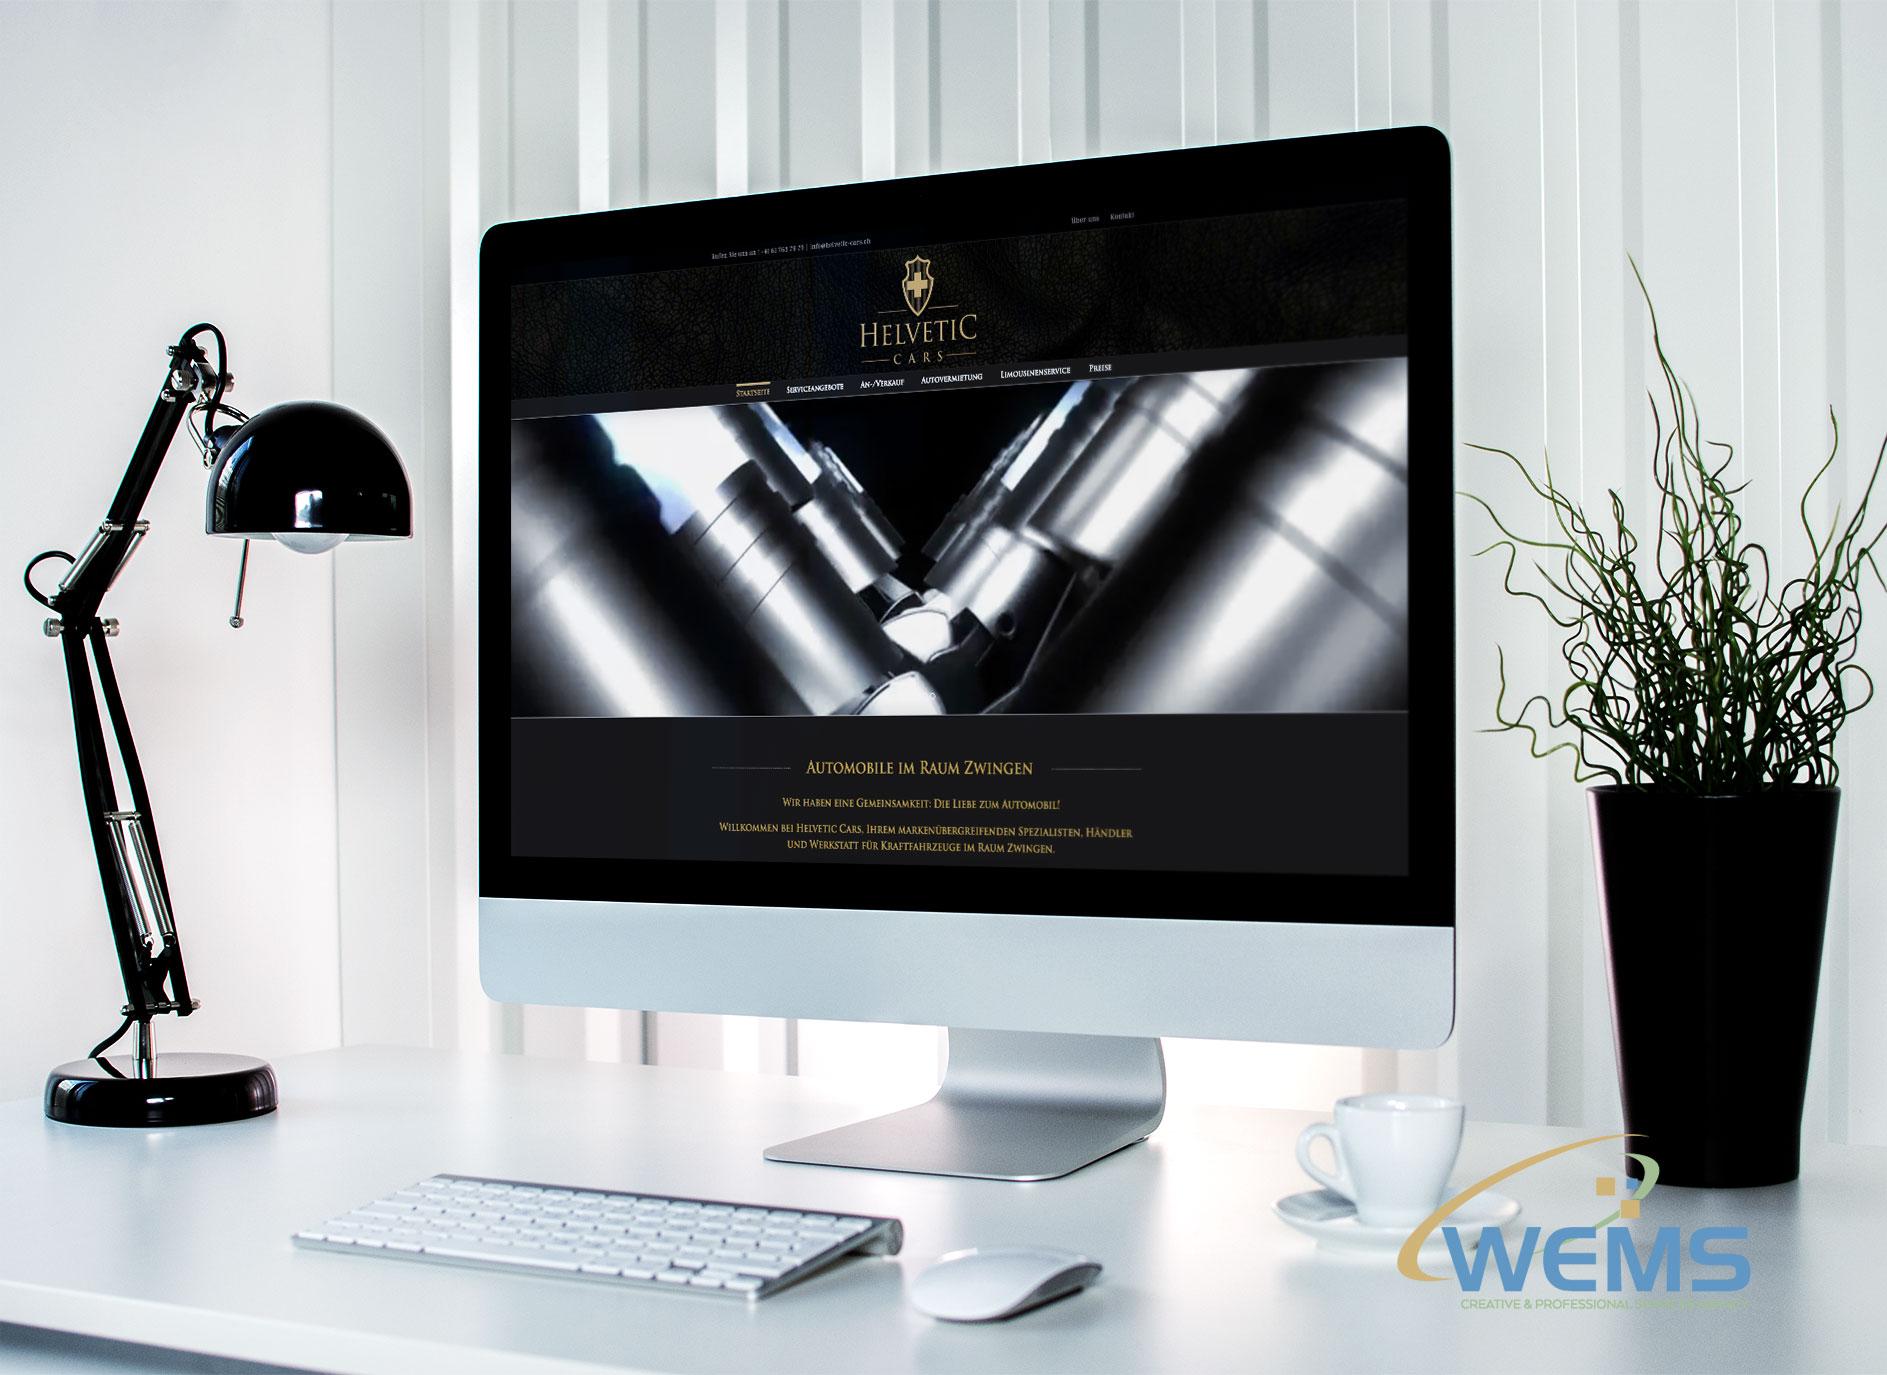 wems agency webdesign mockup helvetic cars 1 - Webdesign et optimisation pour les moteurs de recherche (SEO)